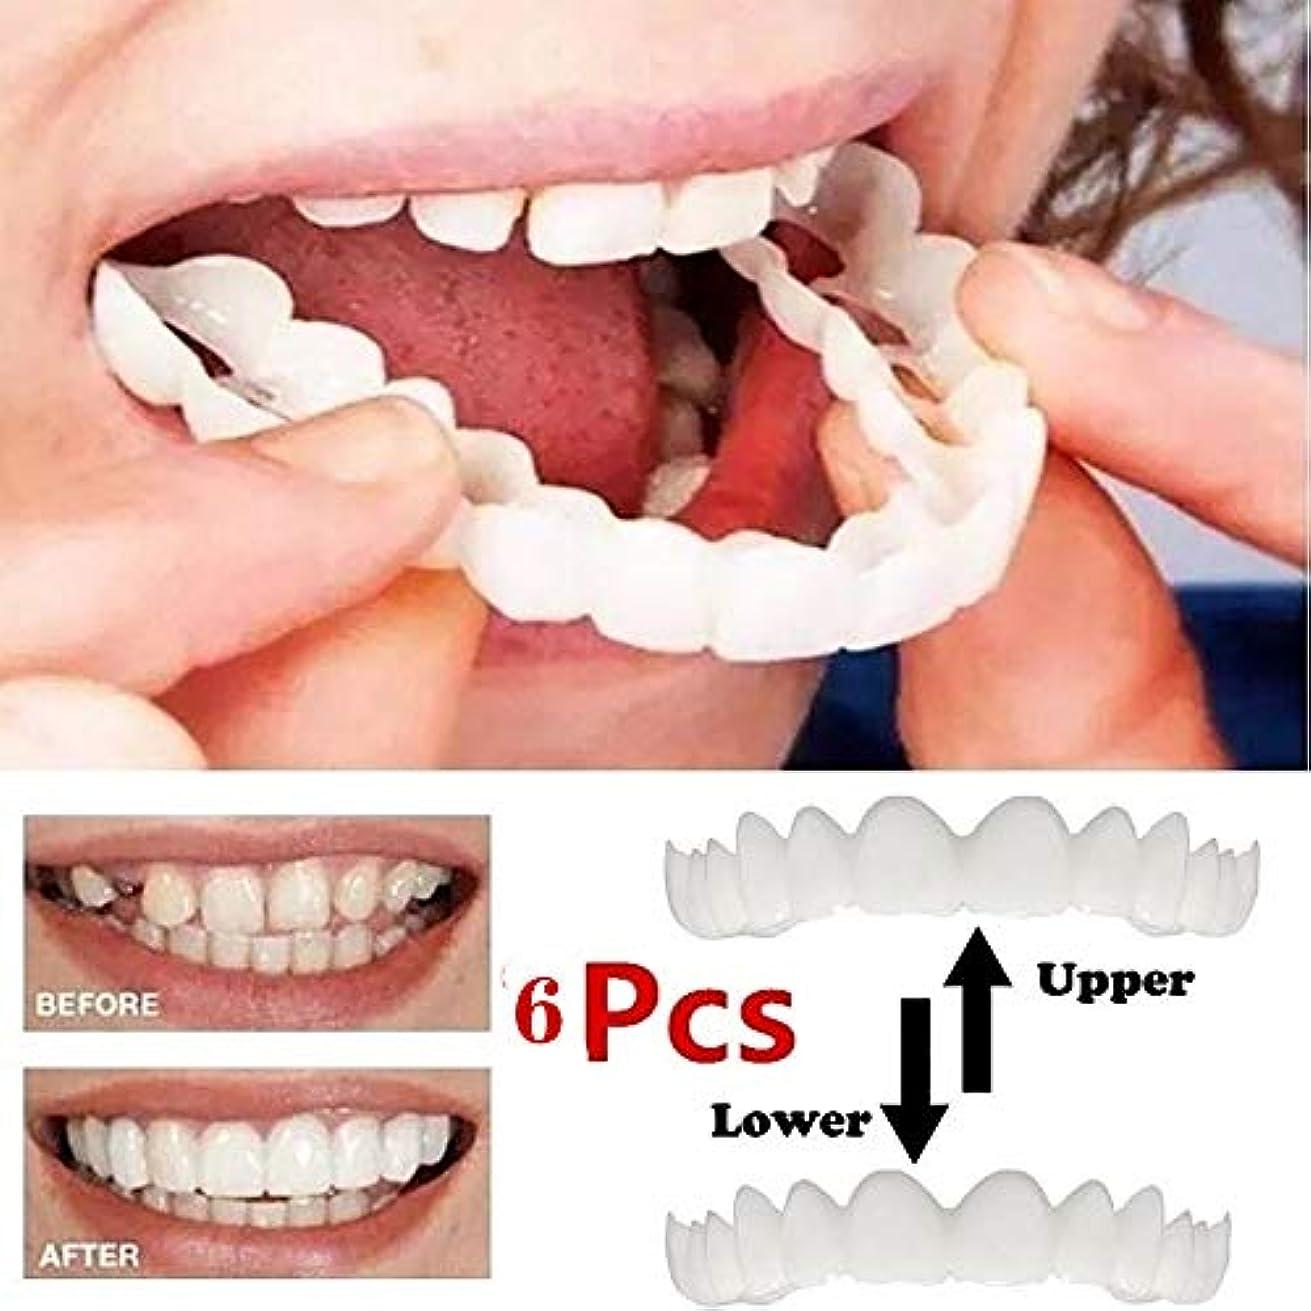 サーバトーンキャンディー最新の突き板の歯、化粧品の歯3ペア - 一時的な笑顔の快適さフィットフレックス化粧品の歯、ワンサイズが最もフィット、快適なトップとボトムベニア - 歯突き板(ボトム+トップ)